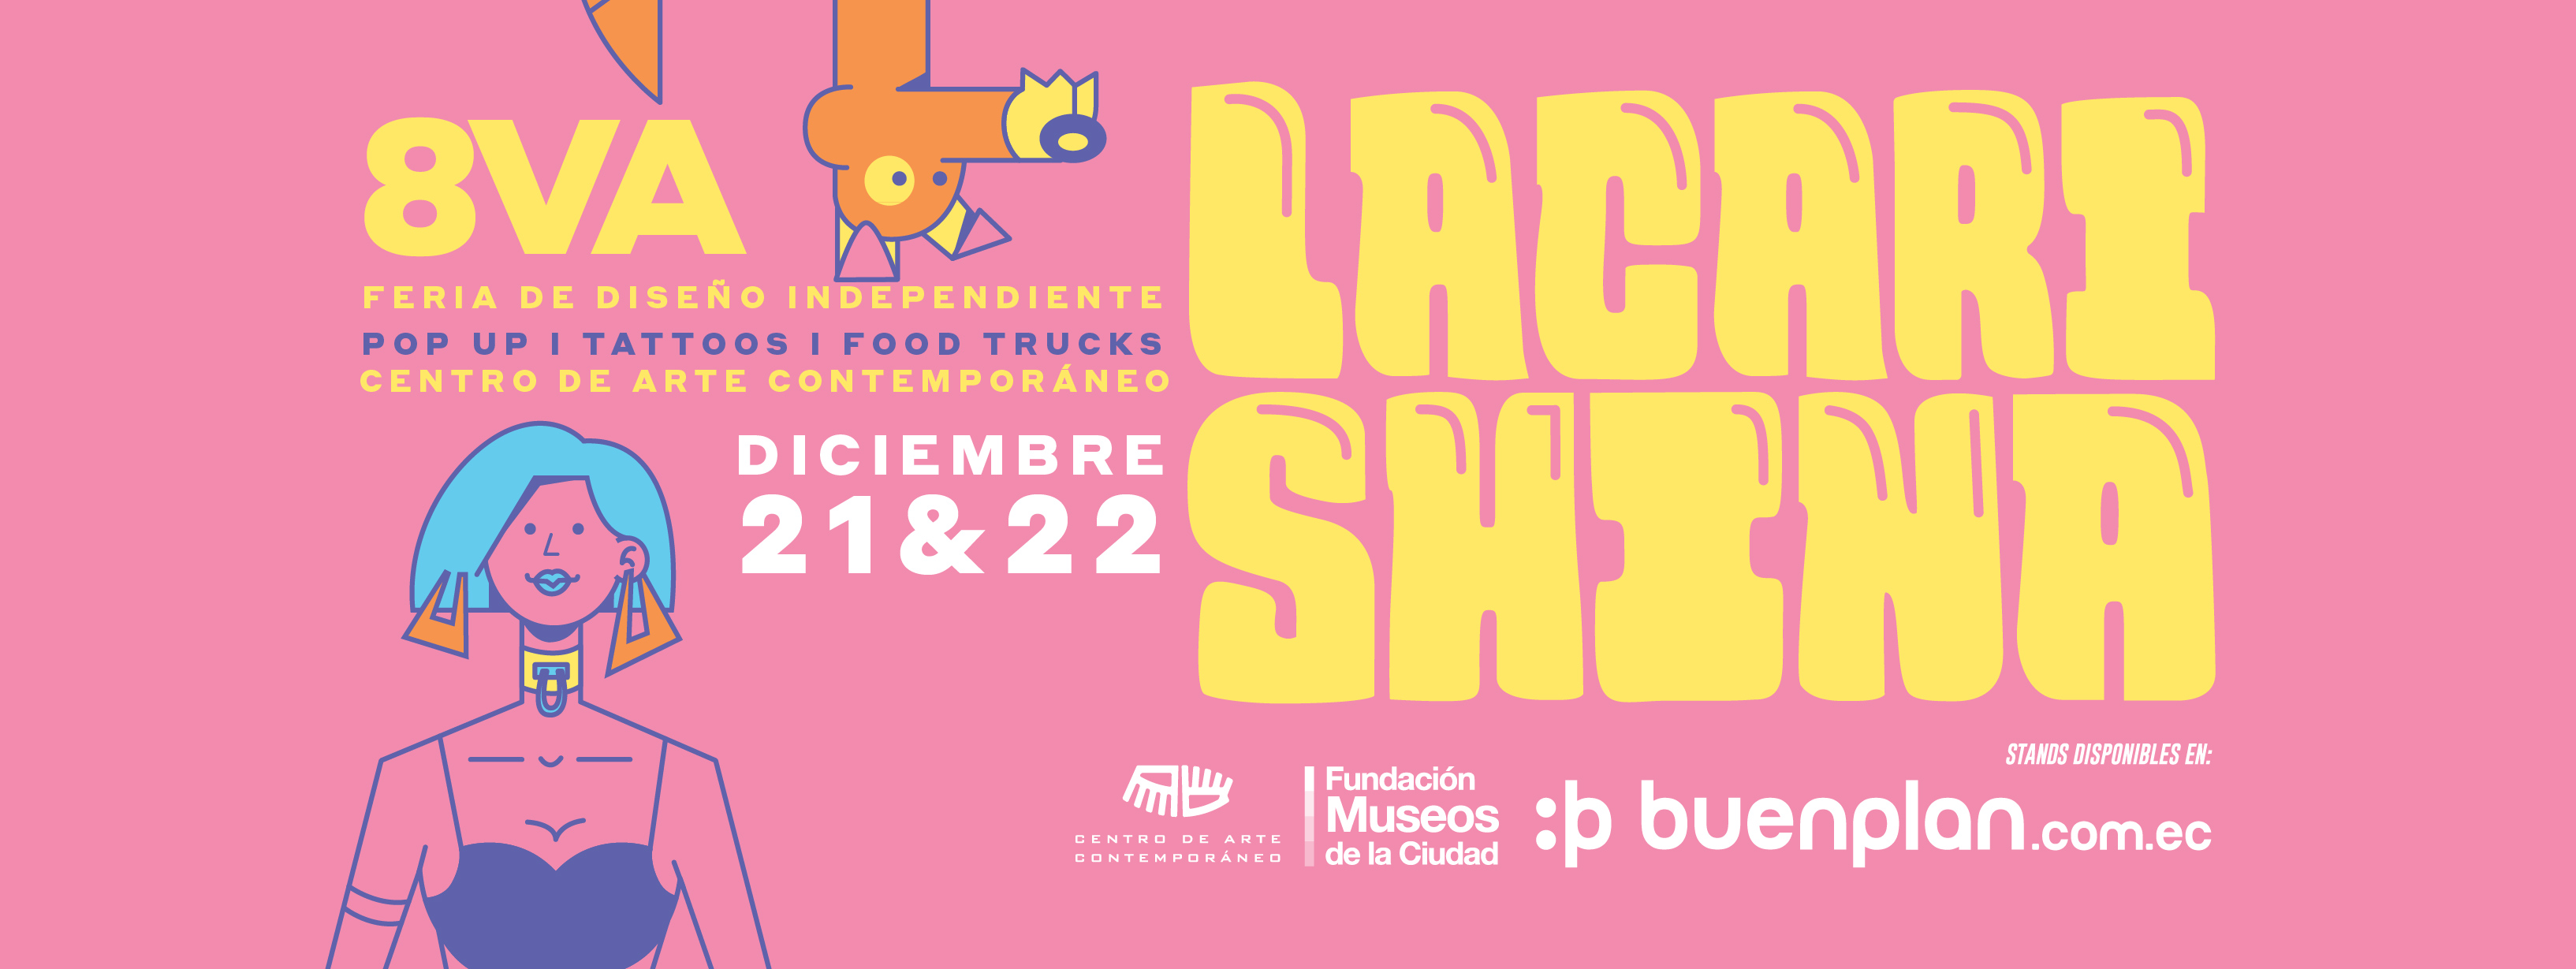 Feria La Carishina - Tattoos, Pop-up, - Food-Trucks en Quito, BuenPlan